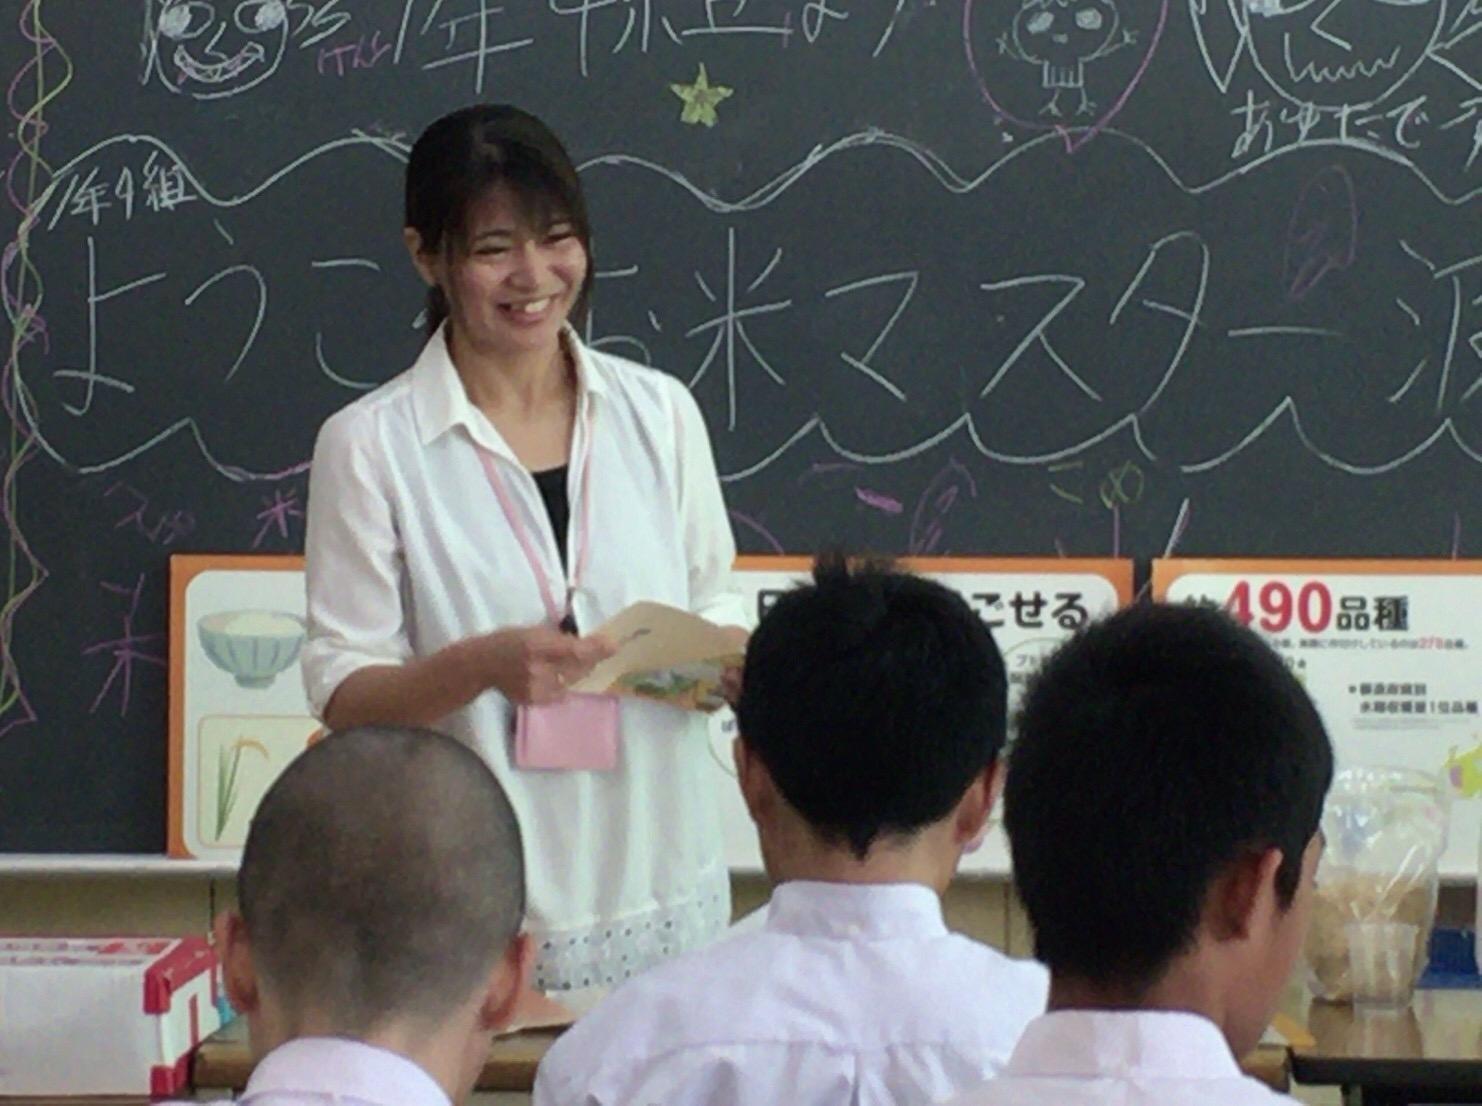 楽しみながらお米講座を行うことができました。